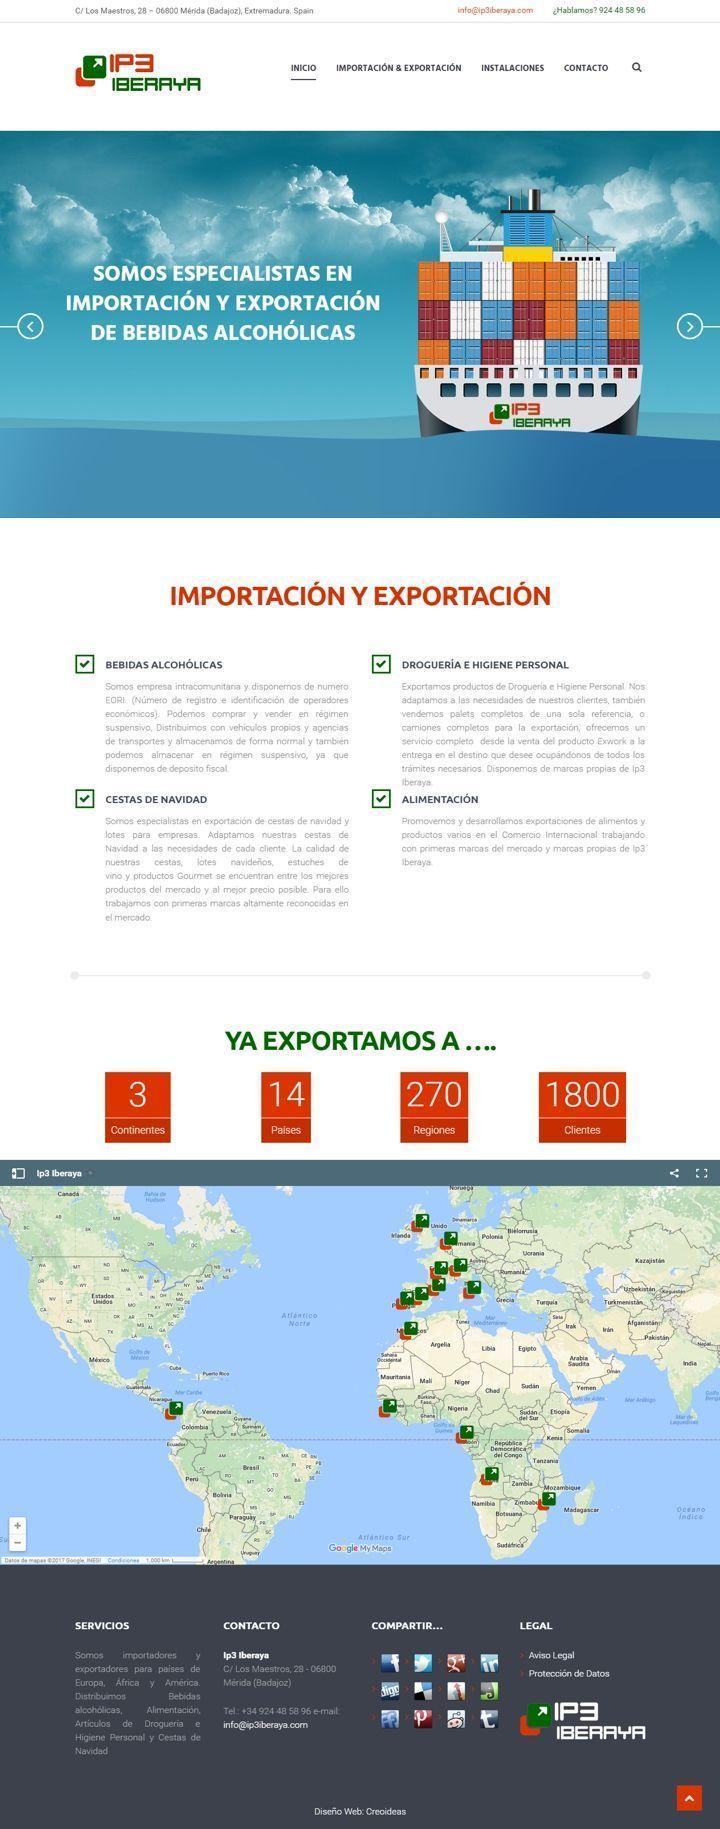 Ip3 Iberaya - Importación y Exportación Mérida (Badajoz)